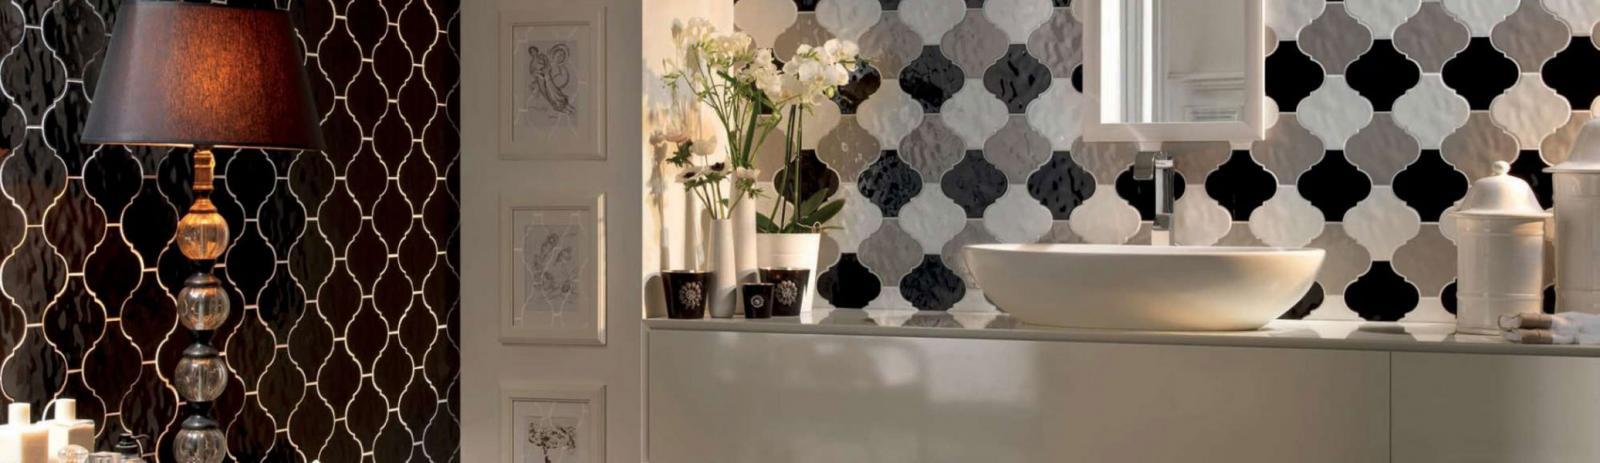 Arabesque-Lantern-Floor-Wall-Tile-Banner-1900x550